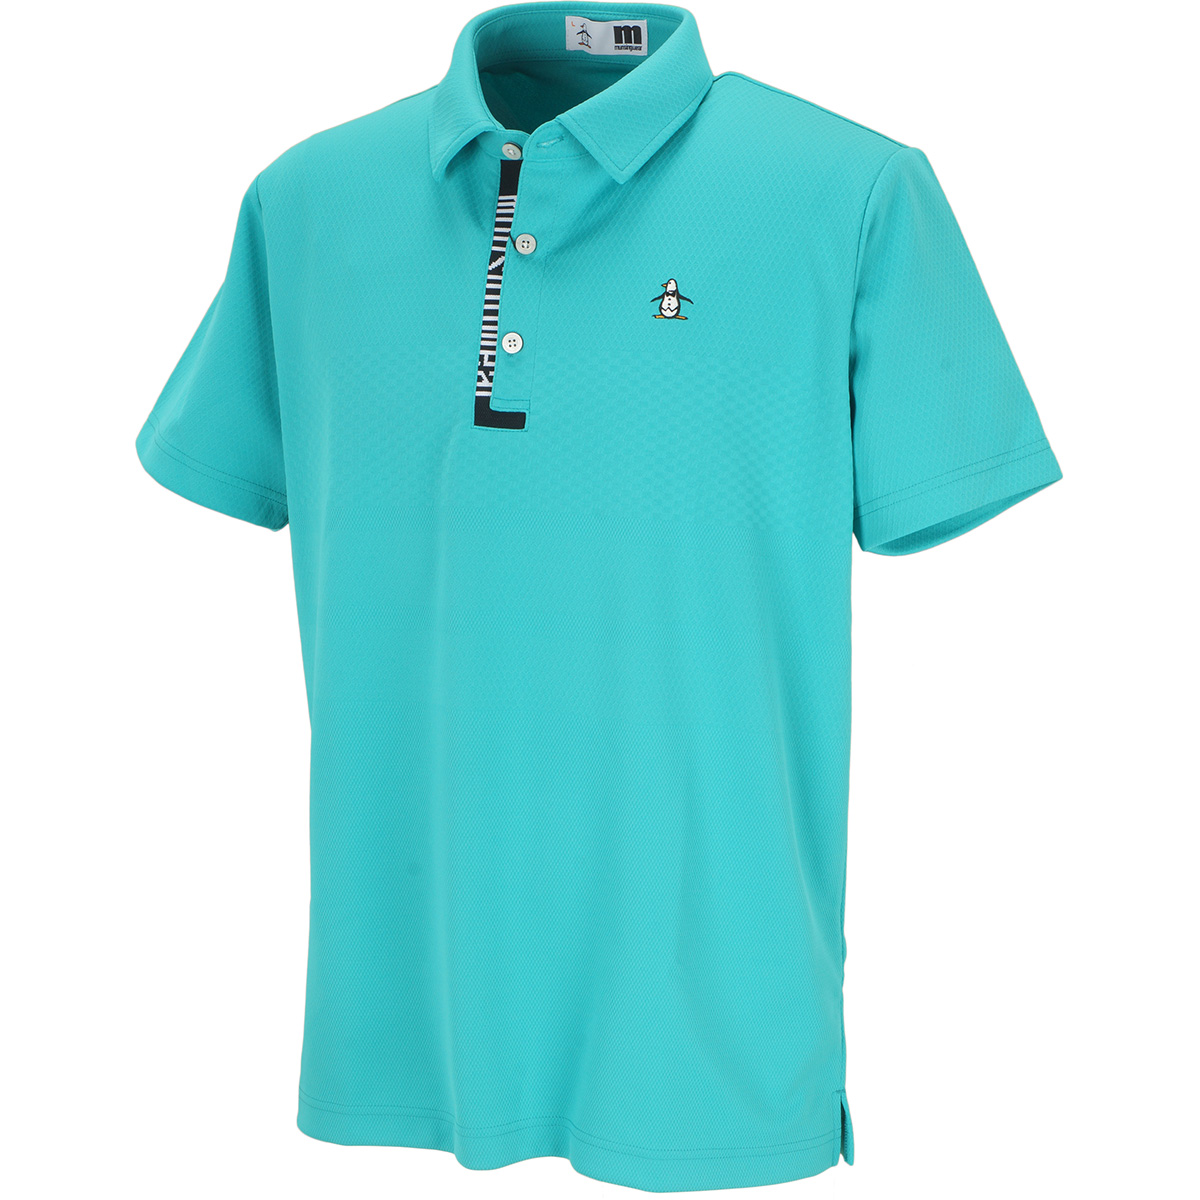 ENVOY SUNSCREENパネルジャカード半袖ポロシャツ